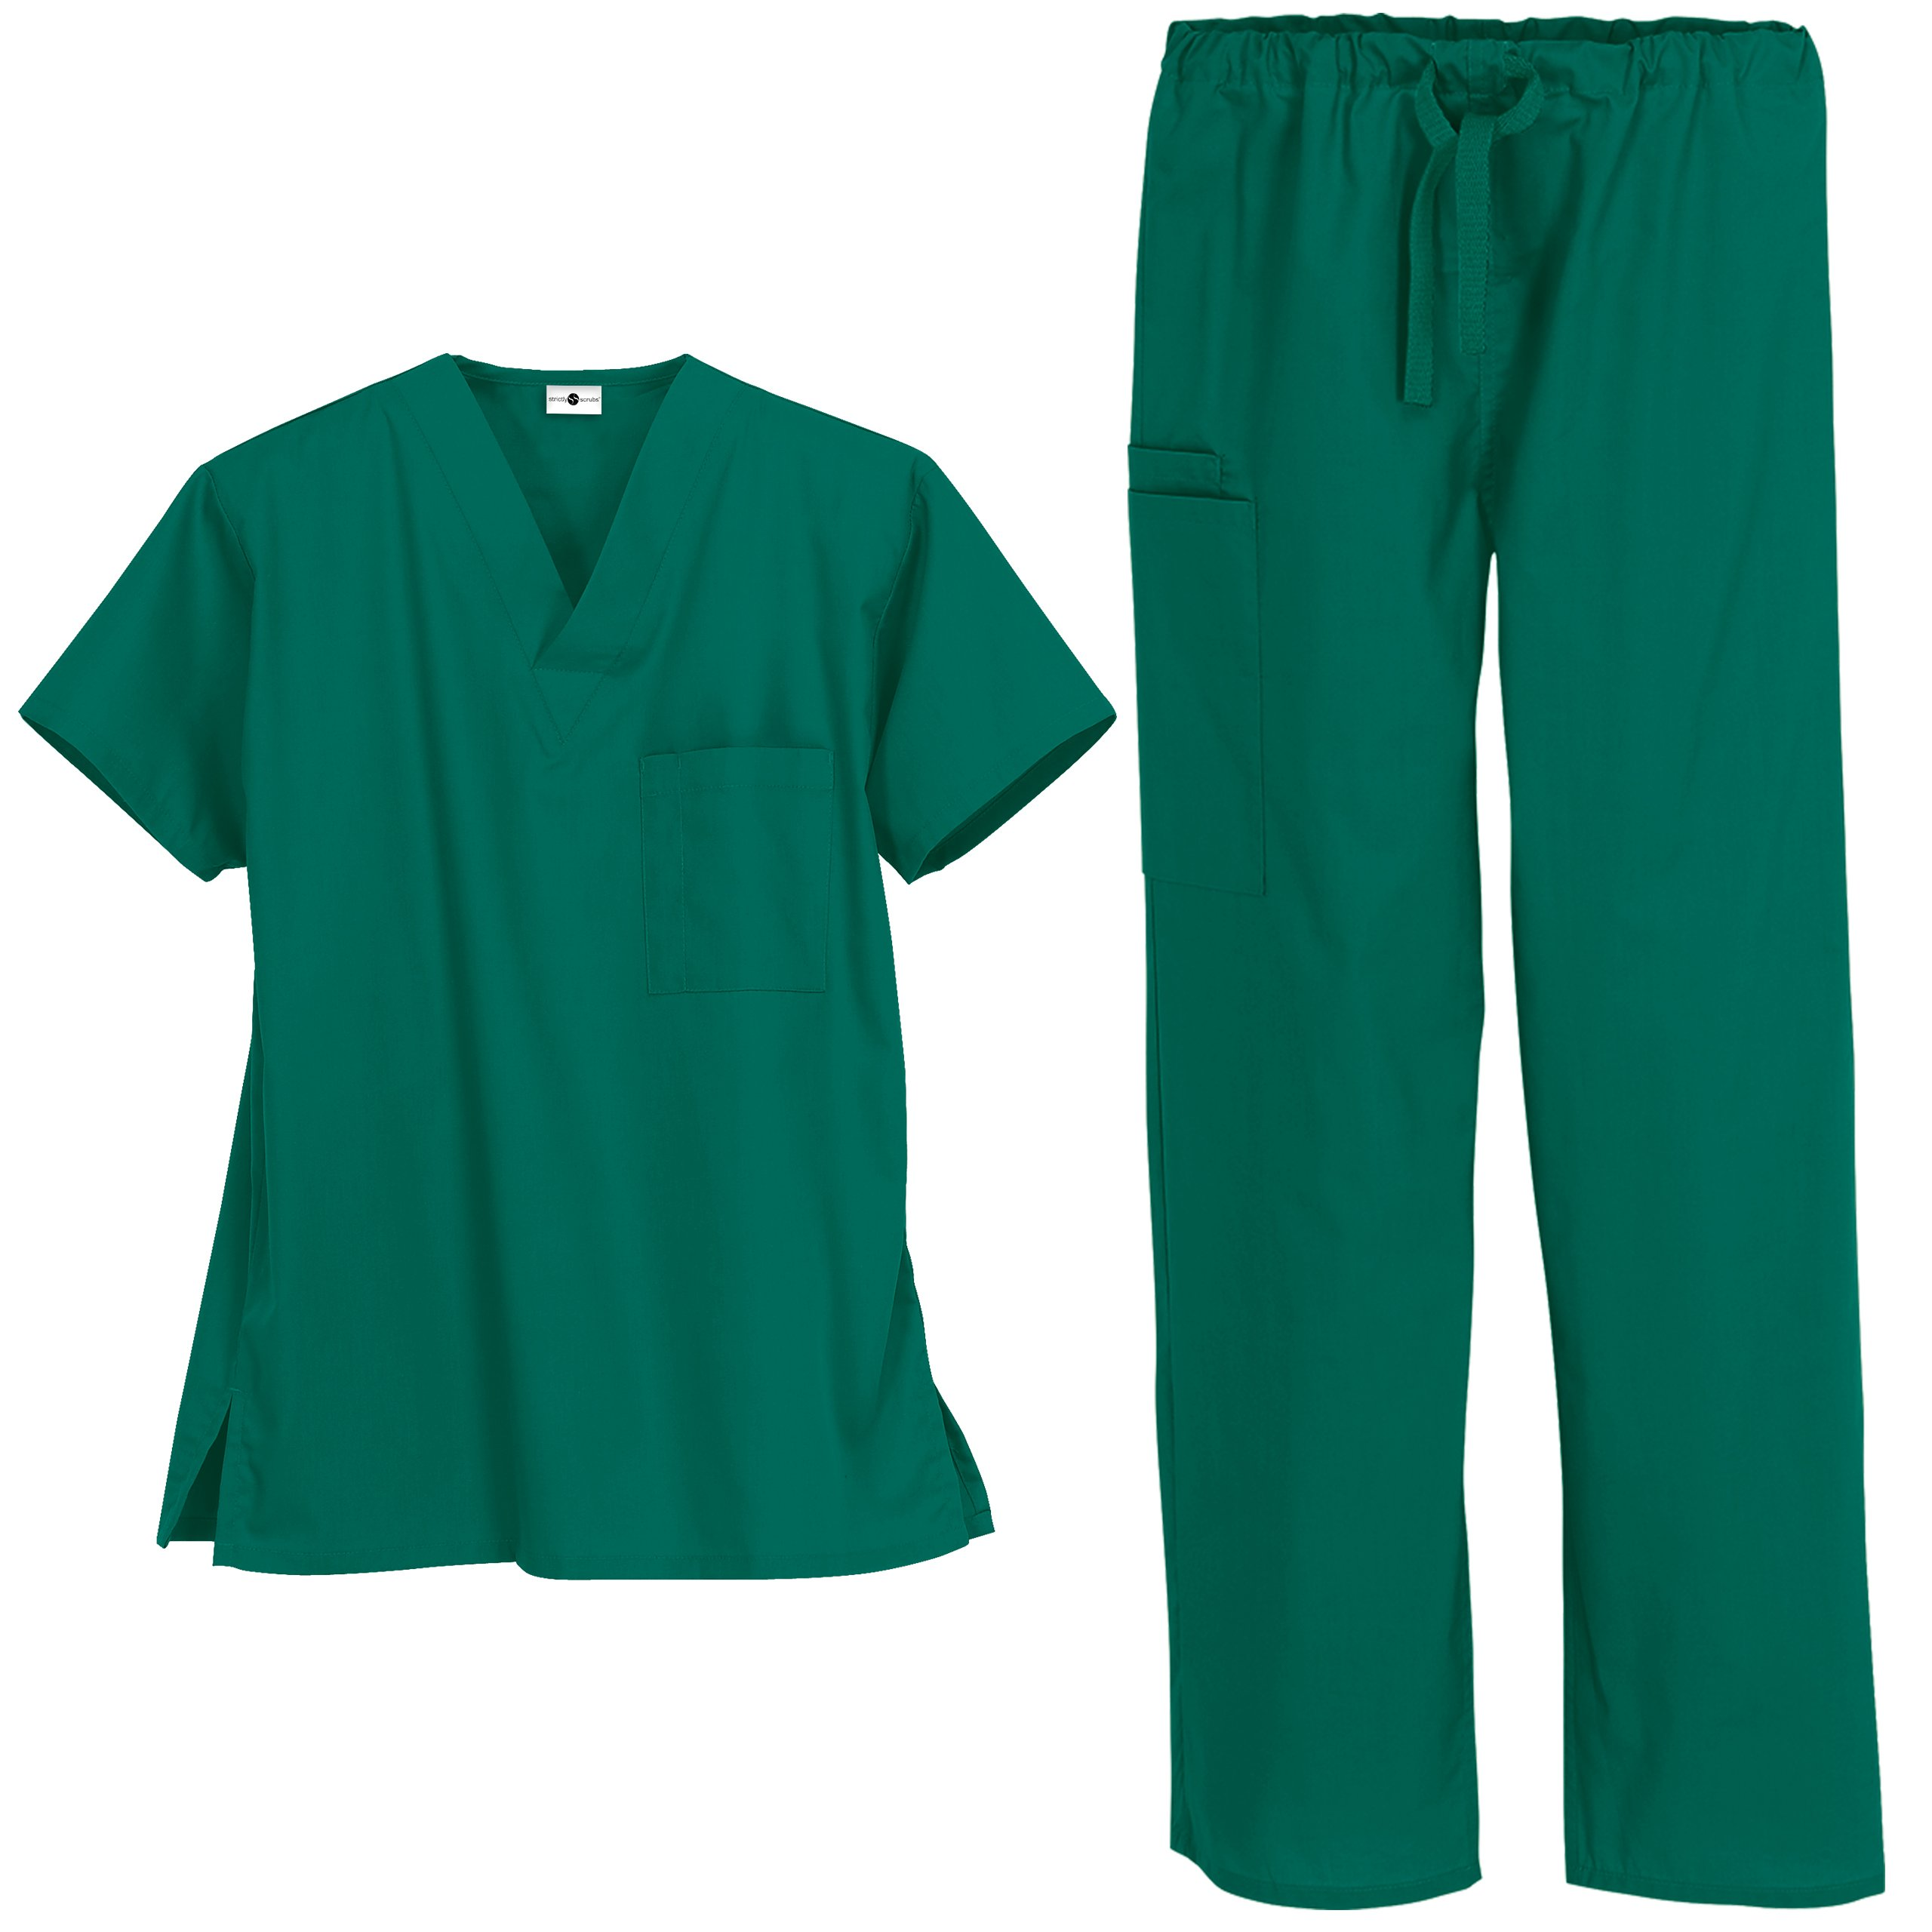 Strictly Scrubs Unisex Medical Uniform Set (XX-Large, Hunter)